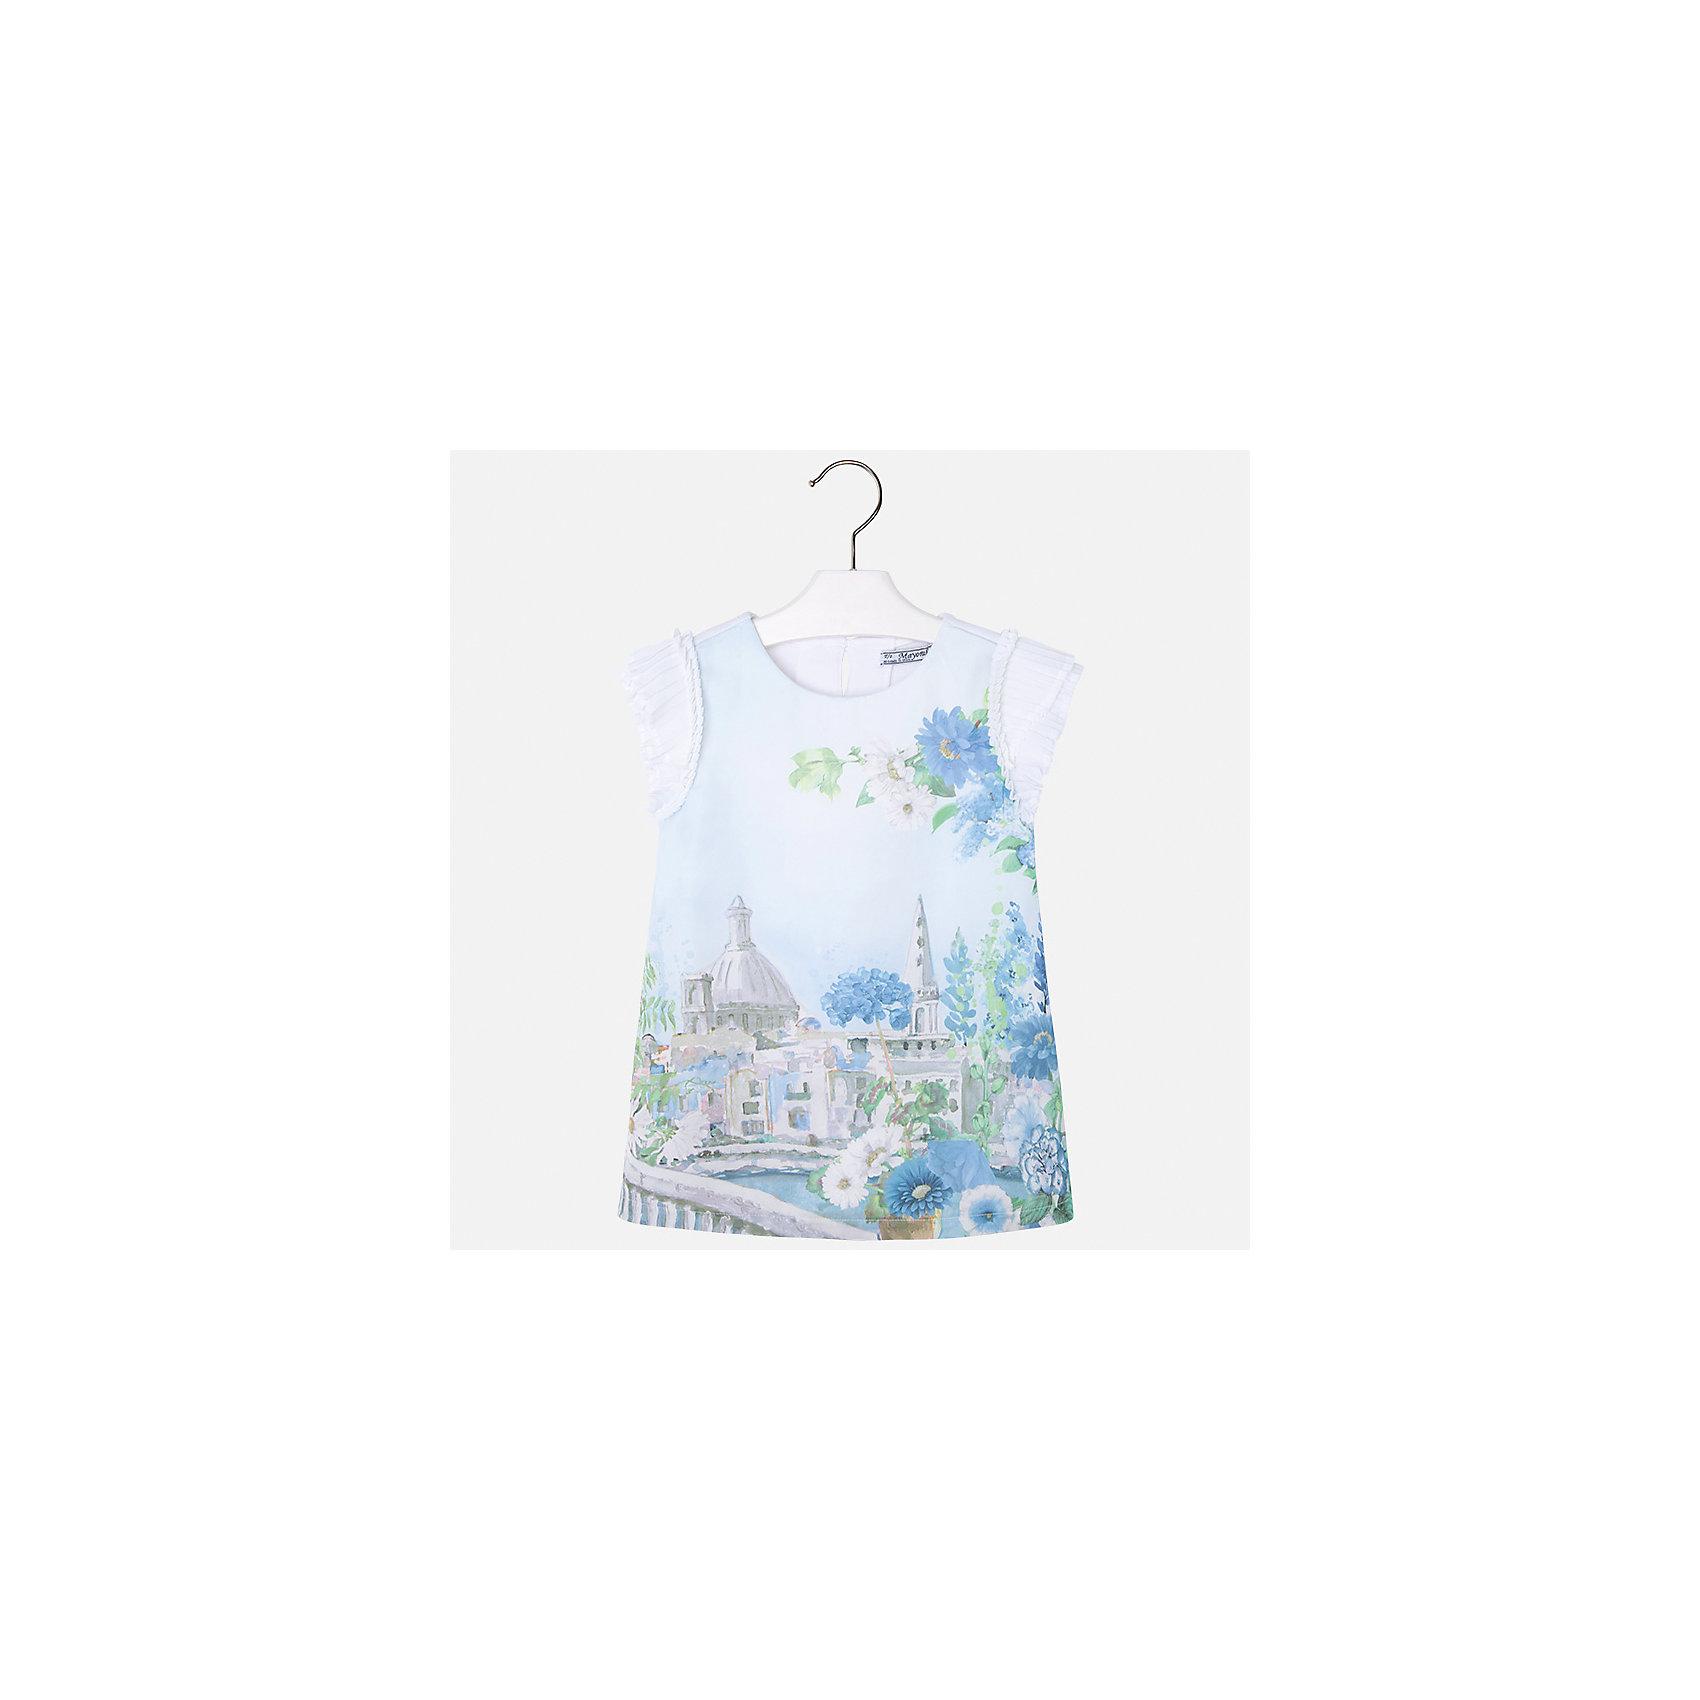 Платье для девочки MayoralПлатья и сарафаны<br>Характеристики товара:<br><br>• цвет: голубой принт<br>• состав: 70% полиэстер, 28% хлопок, 2% эластан, подкладка - 95% хлопок, 5% эластан<br>• застежка: молния<br>• принт<br>• объемные короткие рукава<br>• прямой силуэт<br>• с подкладкой<br>• страна бренда: Испания<br><br>Эффектное платье для девочки поможет разнообразить гардероб ребенка и создать эффектный наряд. Оно отлично подойдет и для торжественных случаев. Красивый оттенок позволяет подобрать к вещи обувь разных расцветок. В составе материала подкладки - натуральный хлопок, гипоаллергенный, приятный на ощупь, дышащий. Платье хорошо сидит по фигуре.<br><br>Одежда, обувь и аксессуары от испанского бренда Mayoral полюбились детям и взрослым по всему миру. Модели этой марки - стильные и удобные. Для их производства используются только безопасные, качественные материалы и фурнитура. Порадуйте ребенка модными и красивыми вещами от Mayoral! <br><br>Платье для девочки от испанского бренда Mayoral (Майорал) можно купить в нашем интернет-магазине.<br><br>Ширина мм: 236<br>Глубина мм: 16<br>Высота мм: 184<br>Вес г: 177<br>Цвет: голубой<br>Возраст от месяцев: 96<br>Возраст до месяцев: 108<br>Пол: Женский<br>Возраст: Детский<br>Размер: 134,92,98,104,110,116,122,128<br>SKU: 5291216